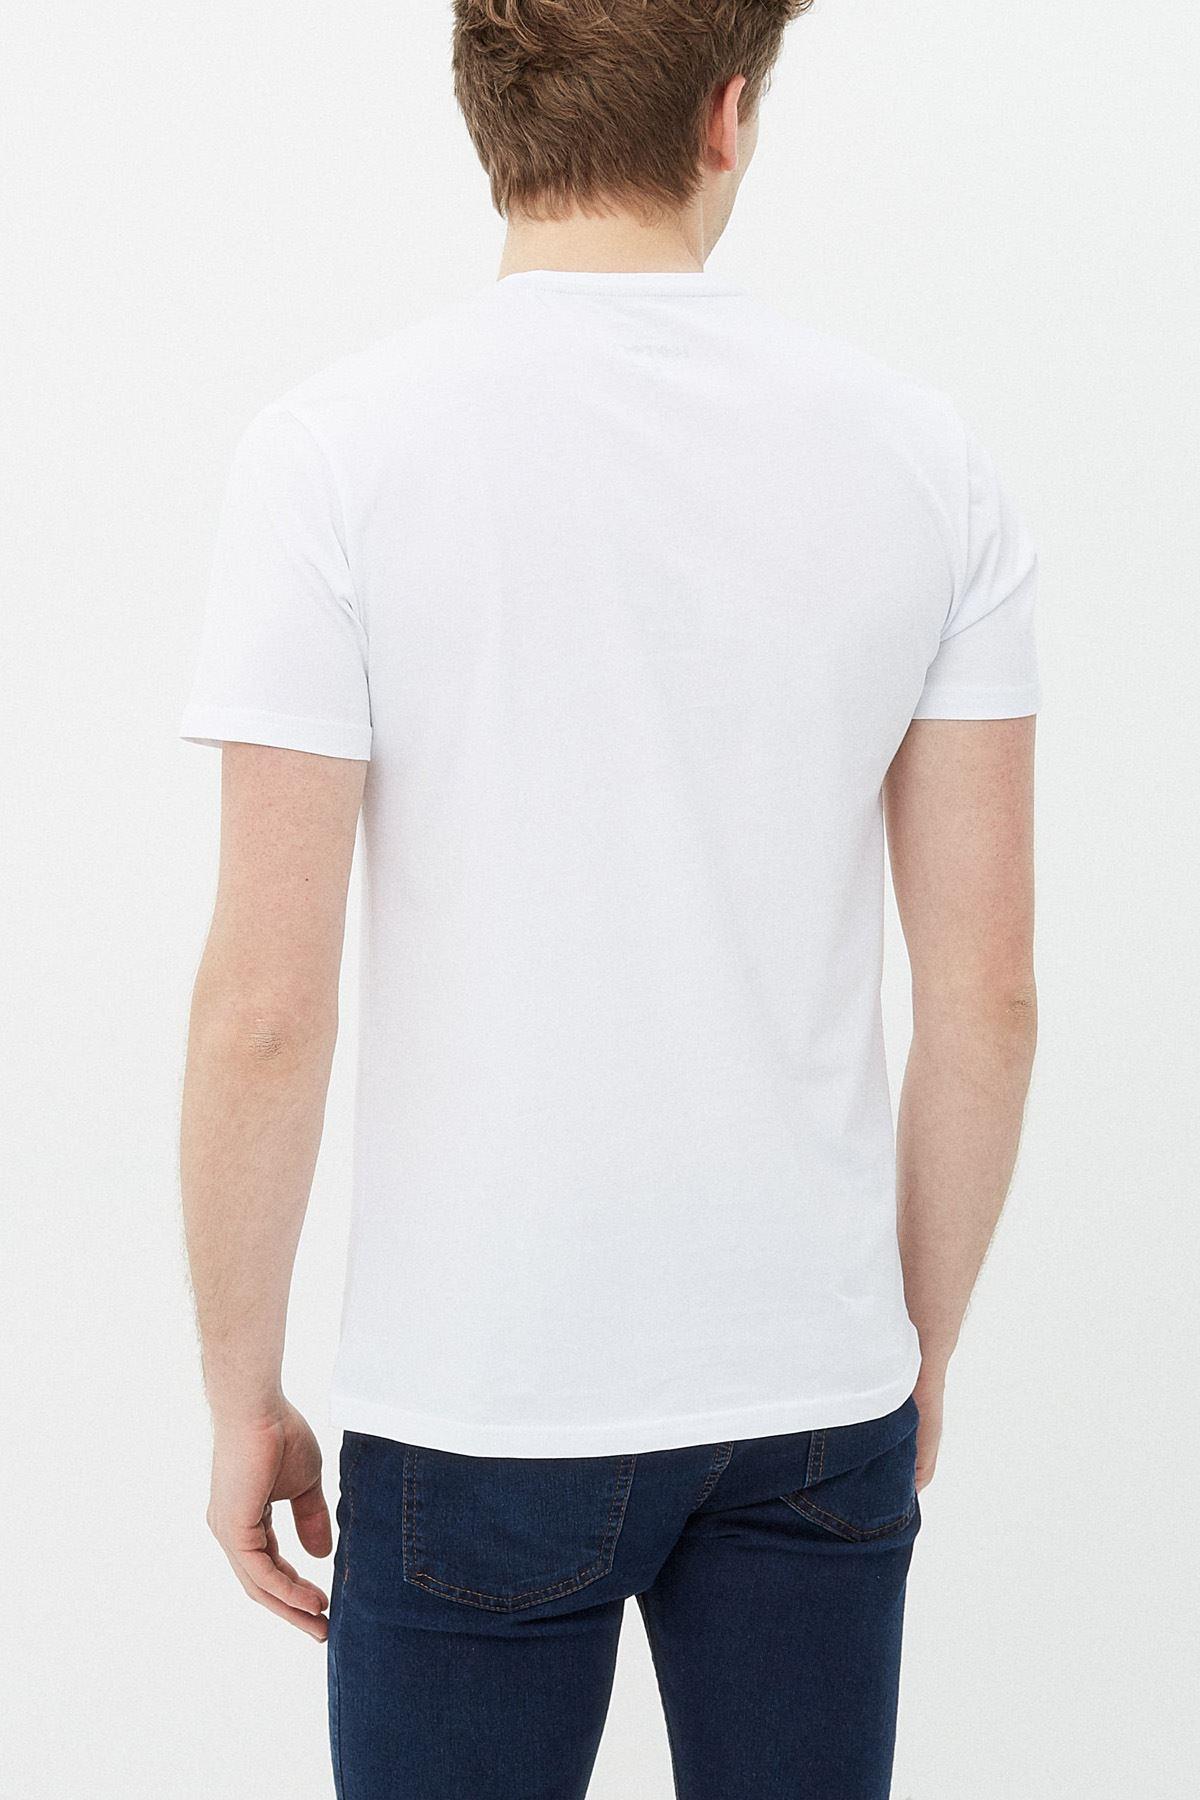 Anime Titan Beyaz Erkek Tshirt - Tişört